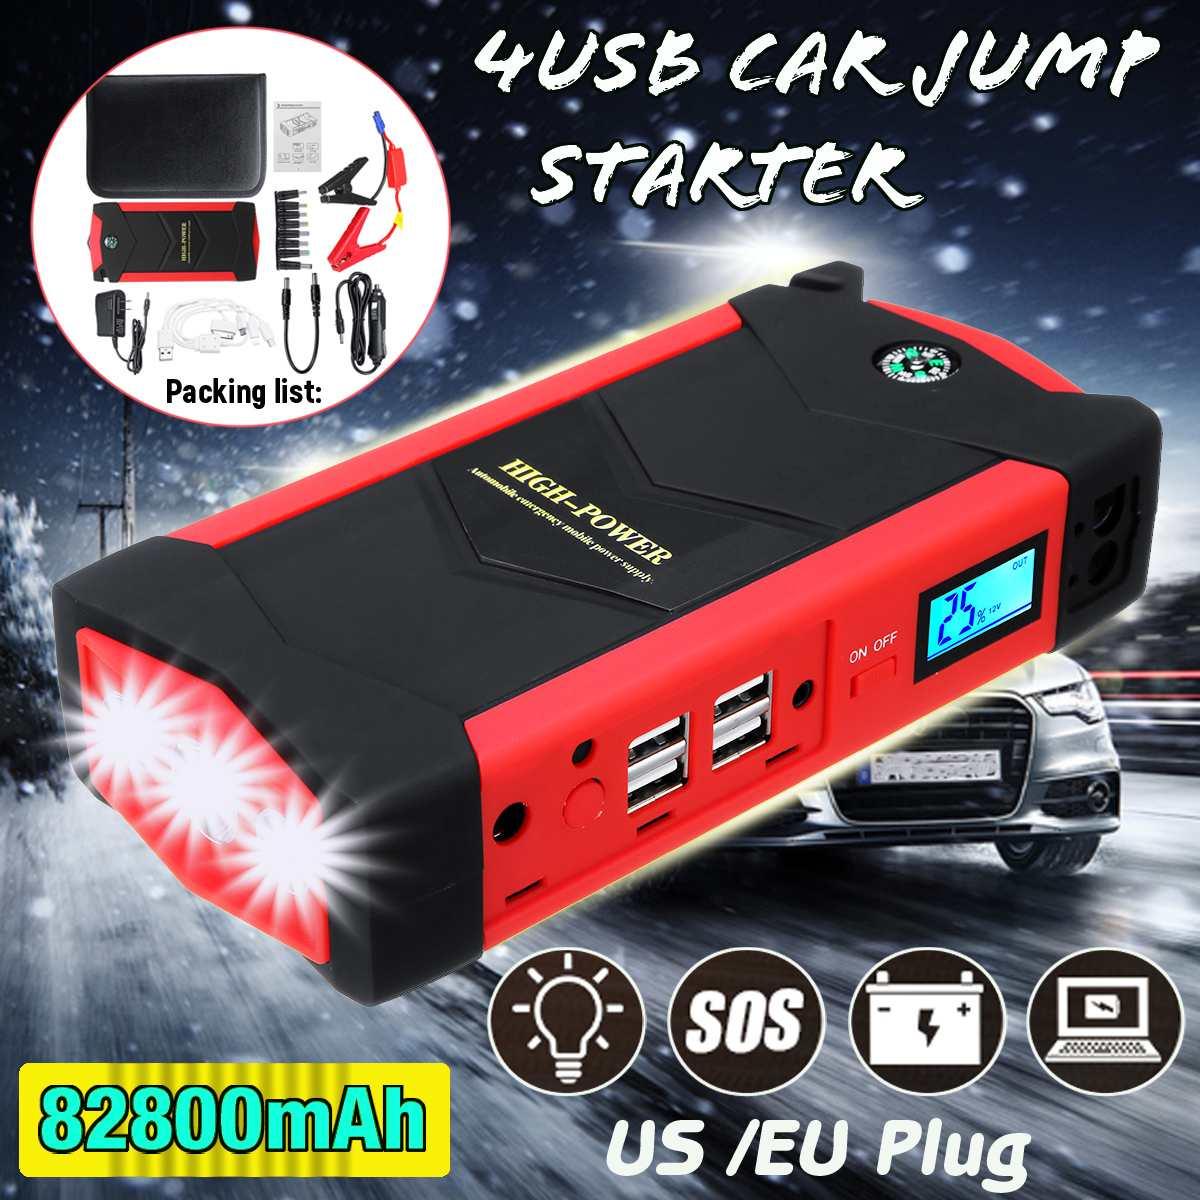 Démarreur de saut de voiture d'urgence 82800 mAh dispositif de démarrage batterie externe Portable 4USB 12 V 600A chargeur de voiture étanche Booster de batterie de voiture